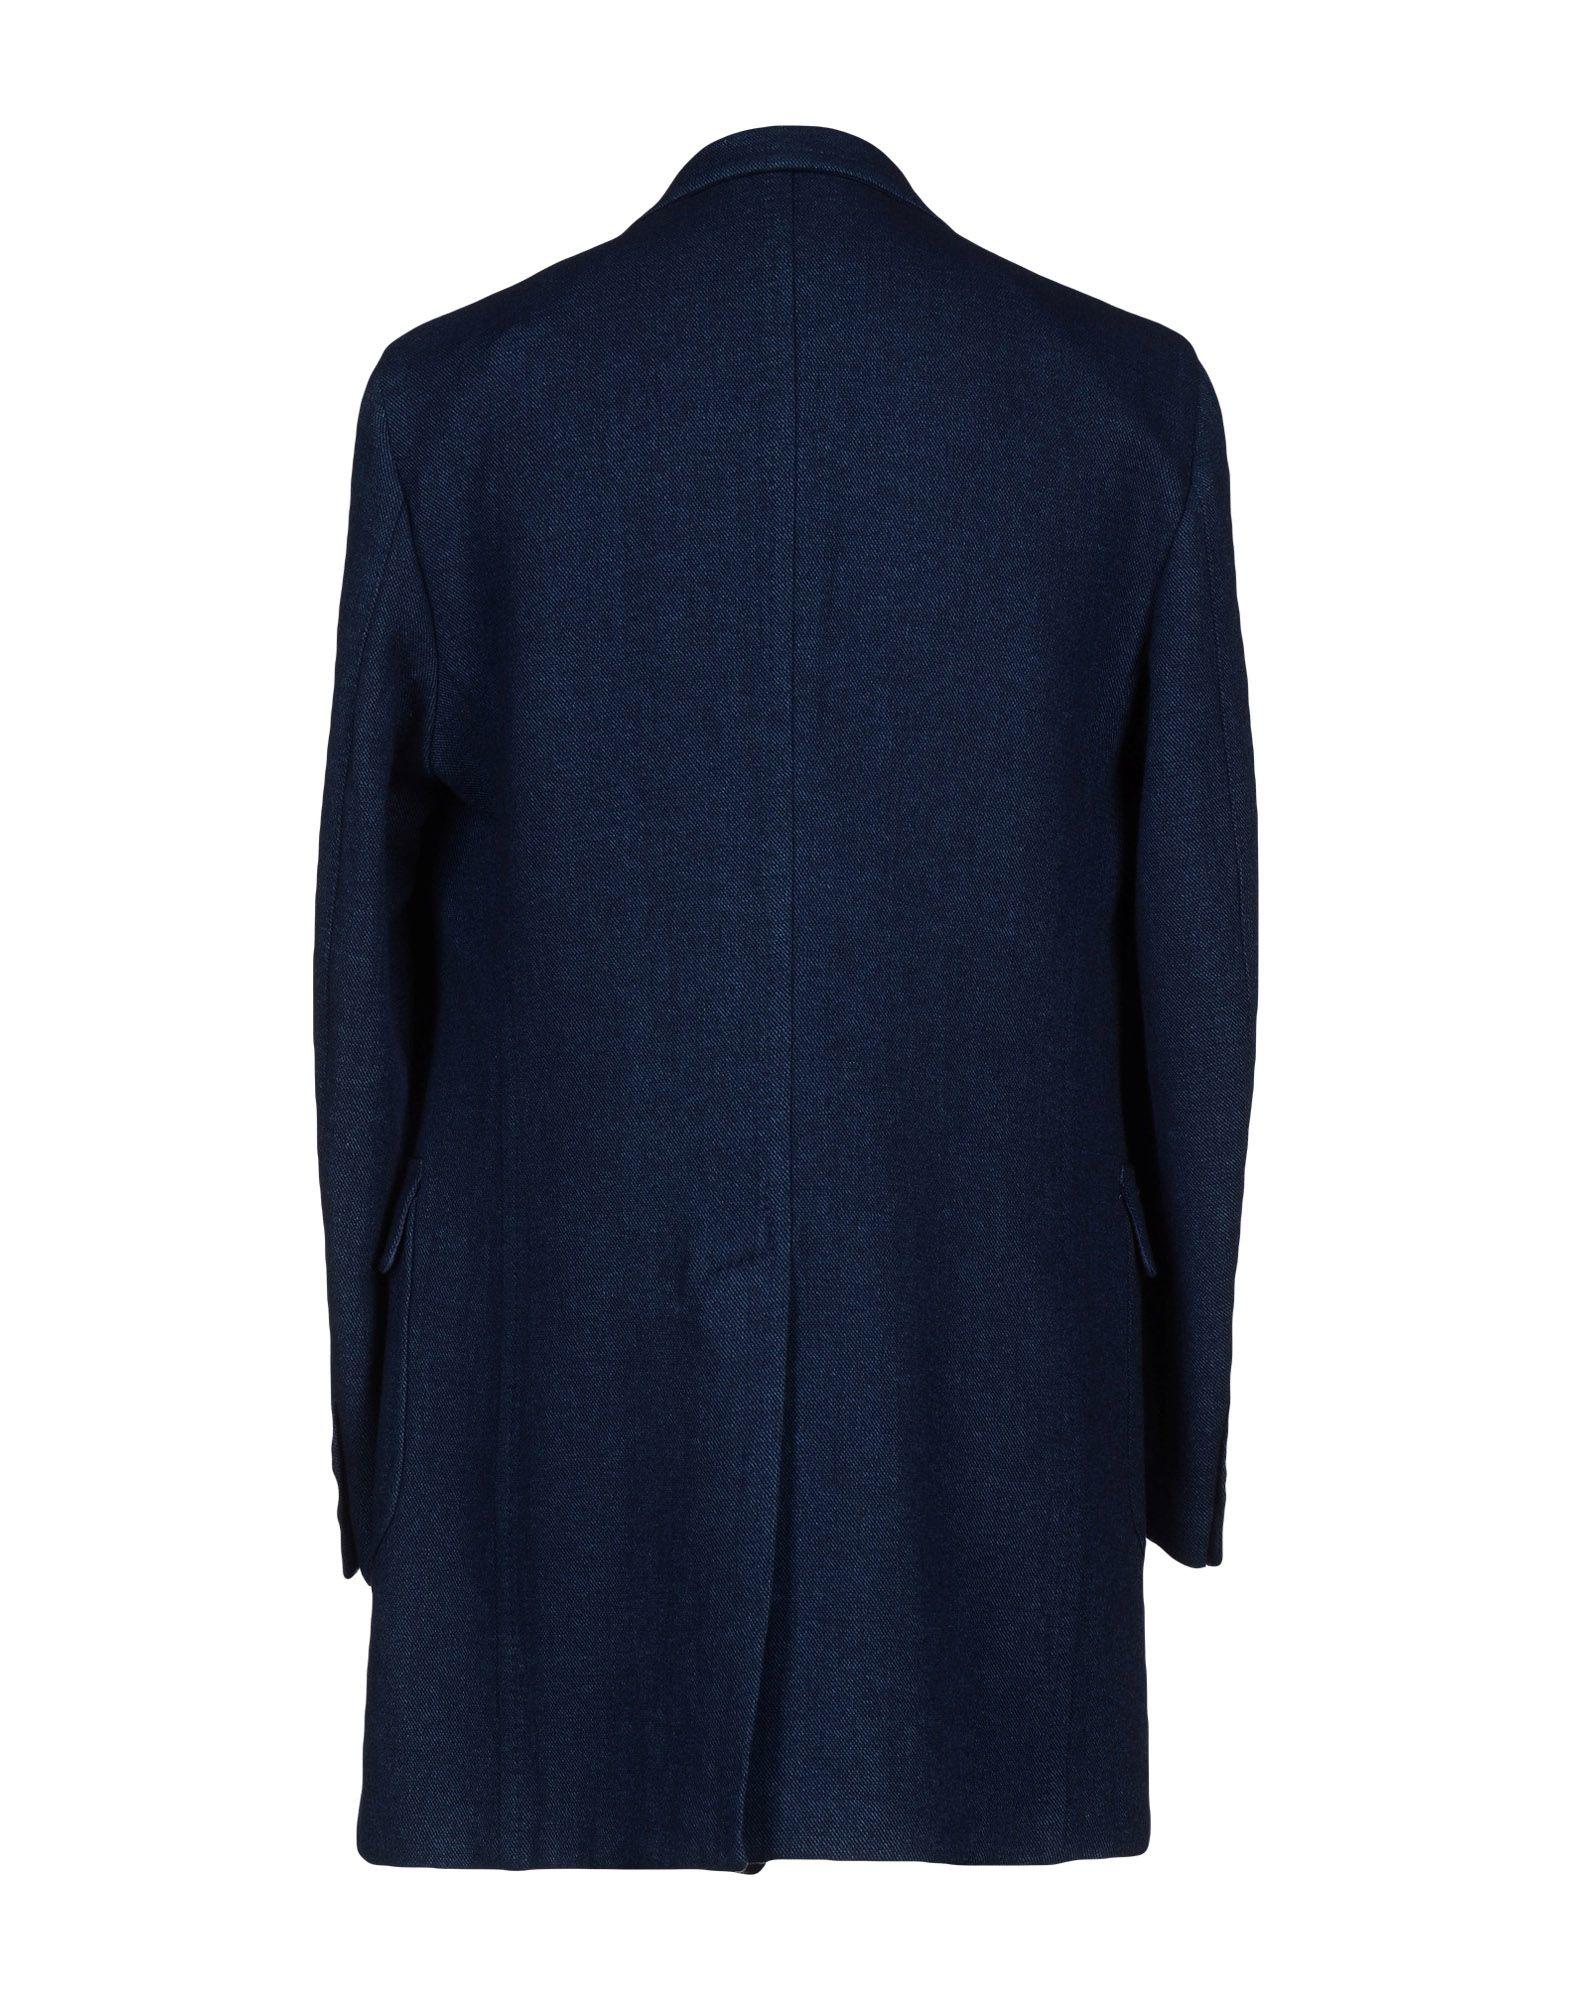 Pal Zileri Outerwear